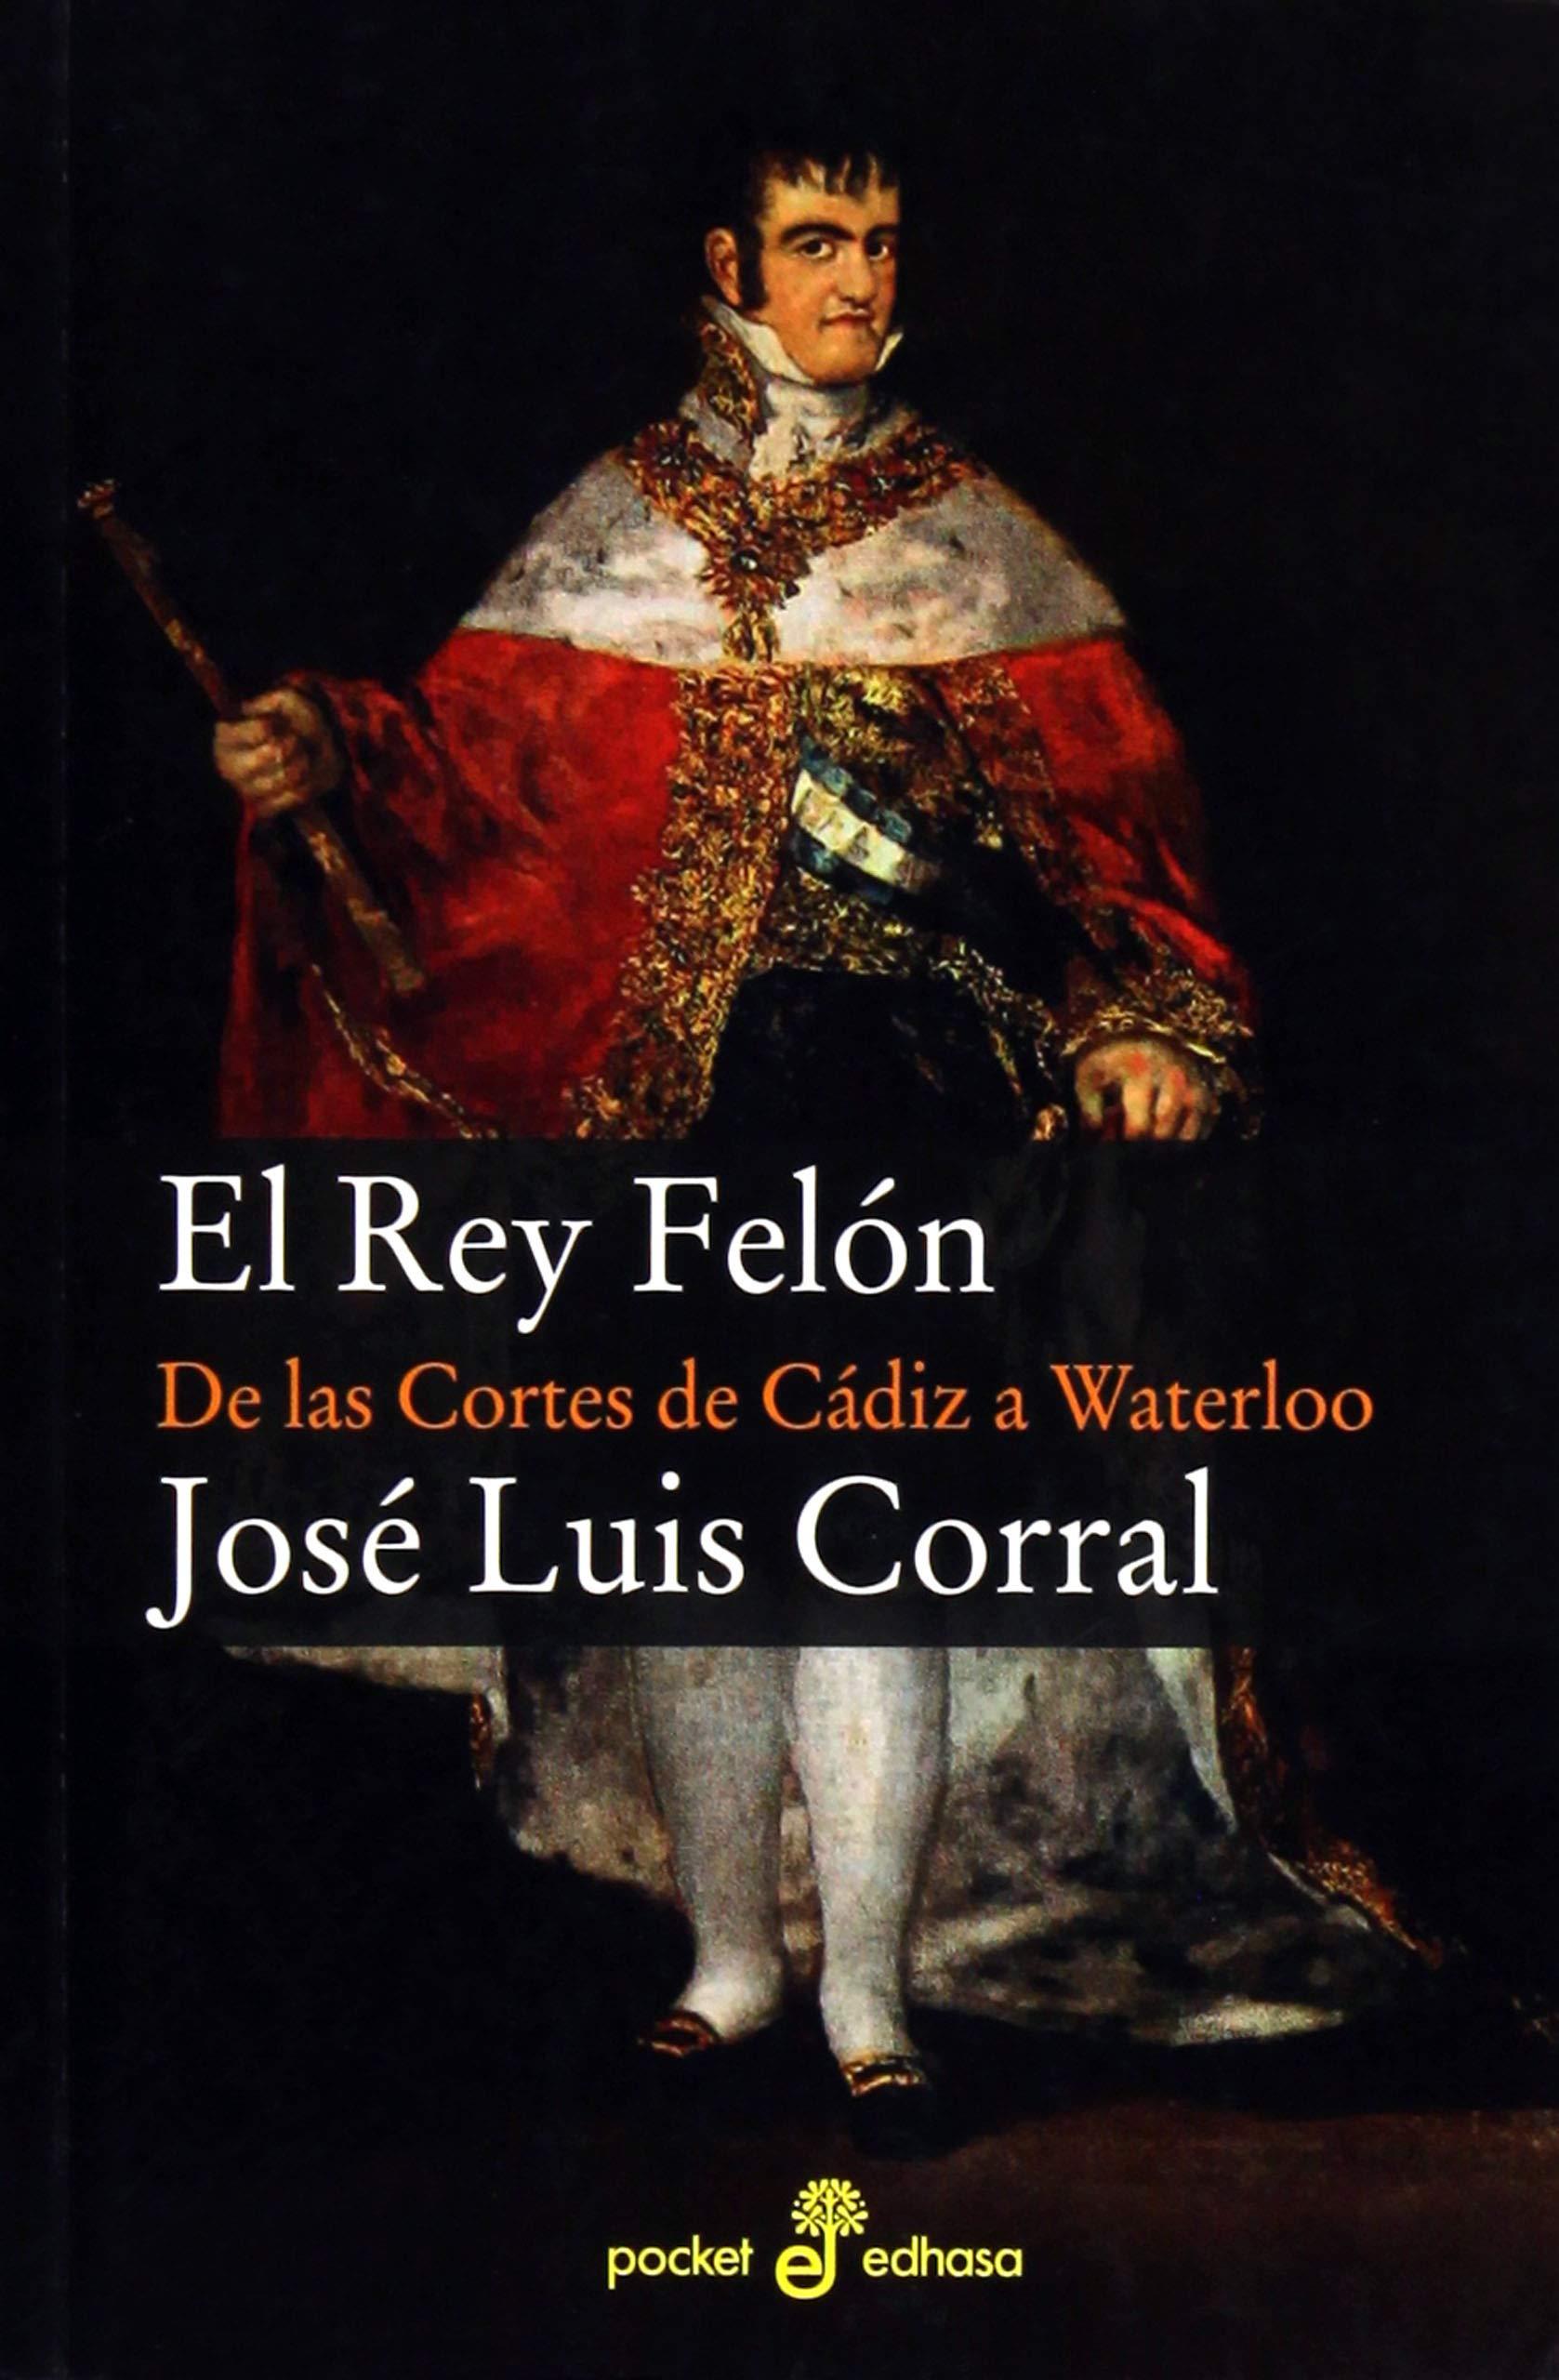 El rey Fel¢n (Xl (edhasa)): Amazon.es: Corral, José Luis: Libros